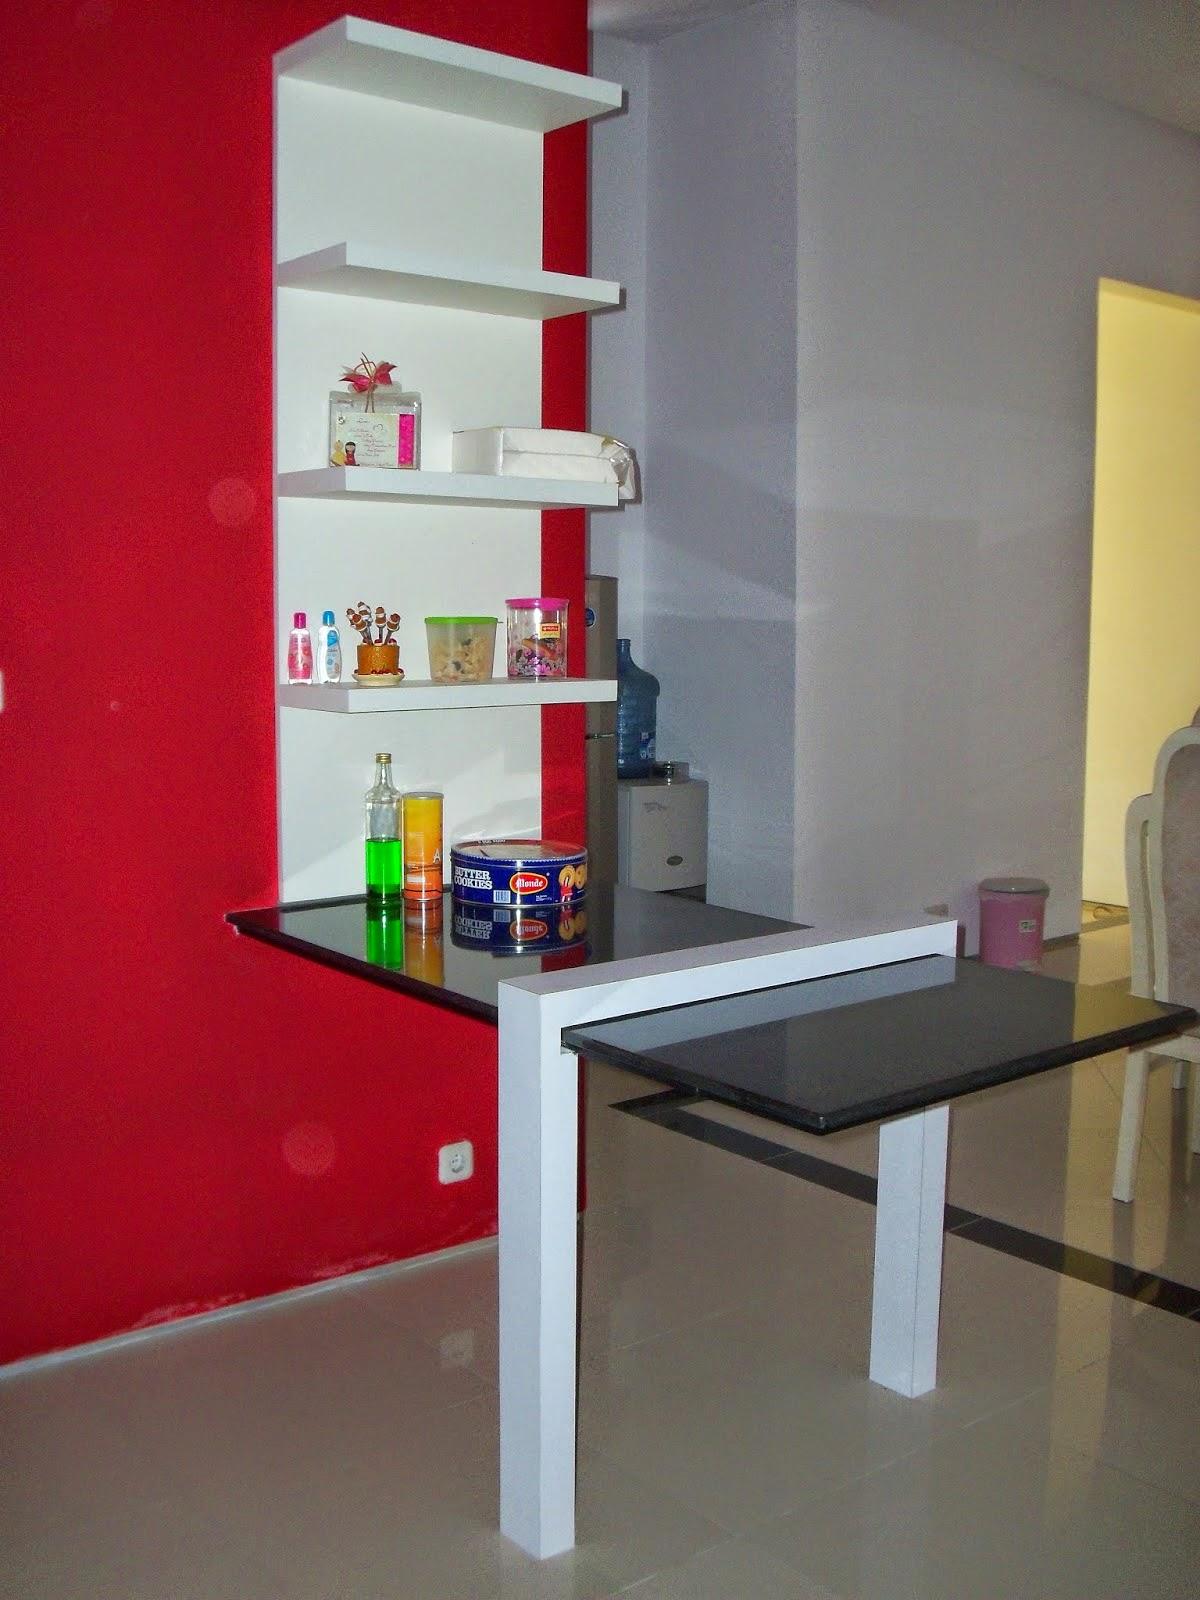 Jual kitchen set di jakarta barat 08999029564 jual for Harga pasang kitchen set